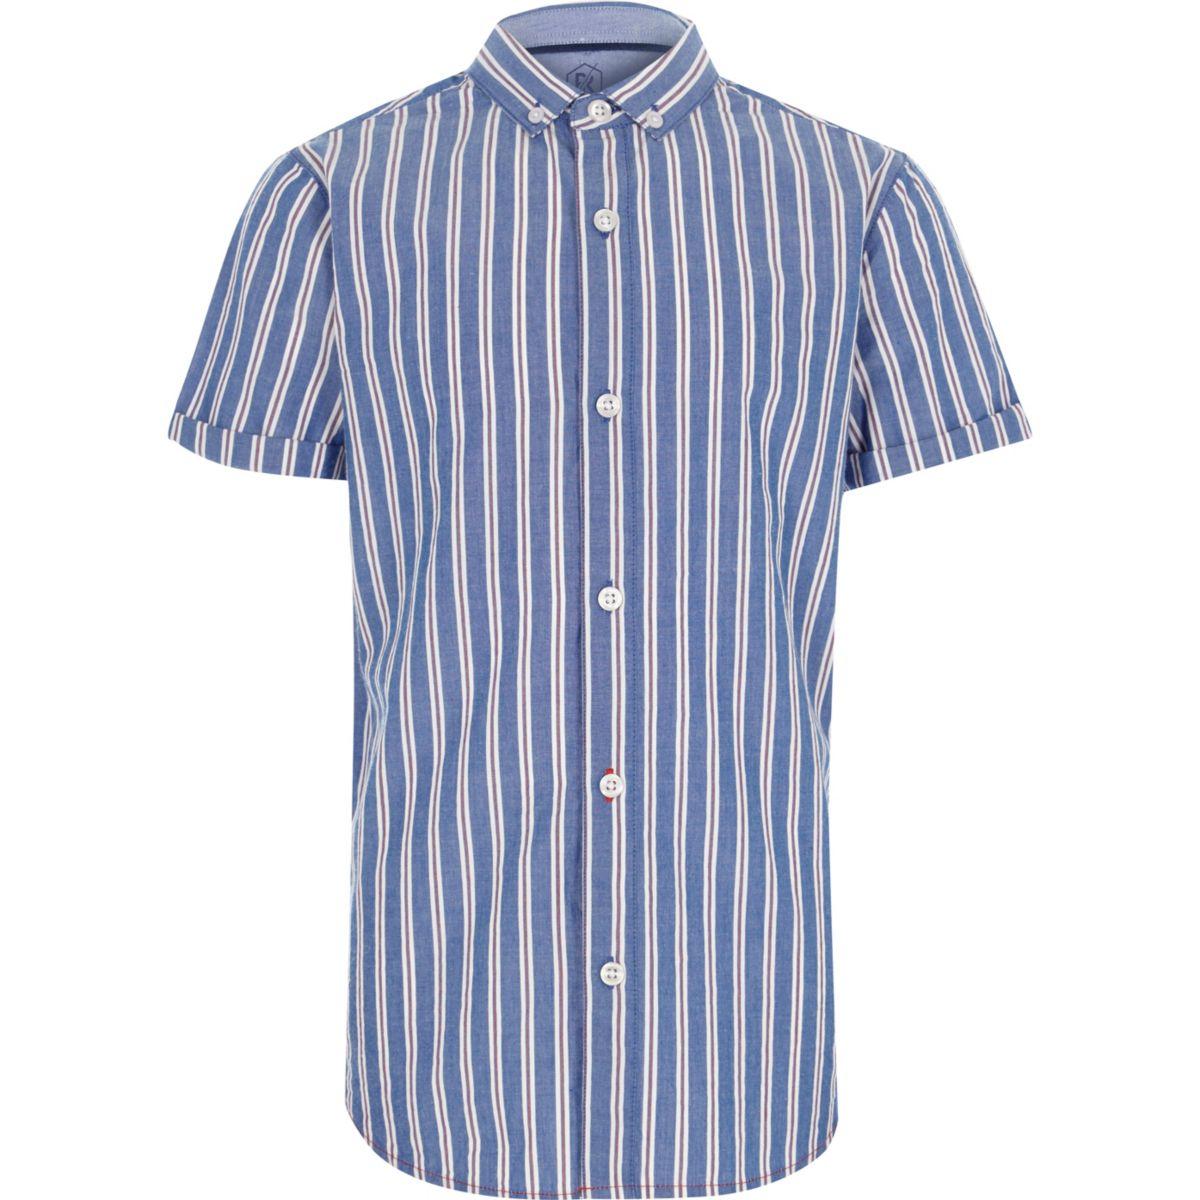 Chemise bleue à rayures et manches courtes pour garçon